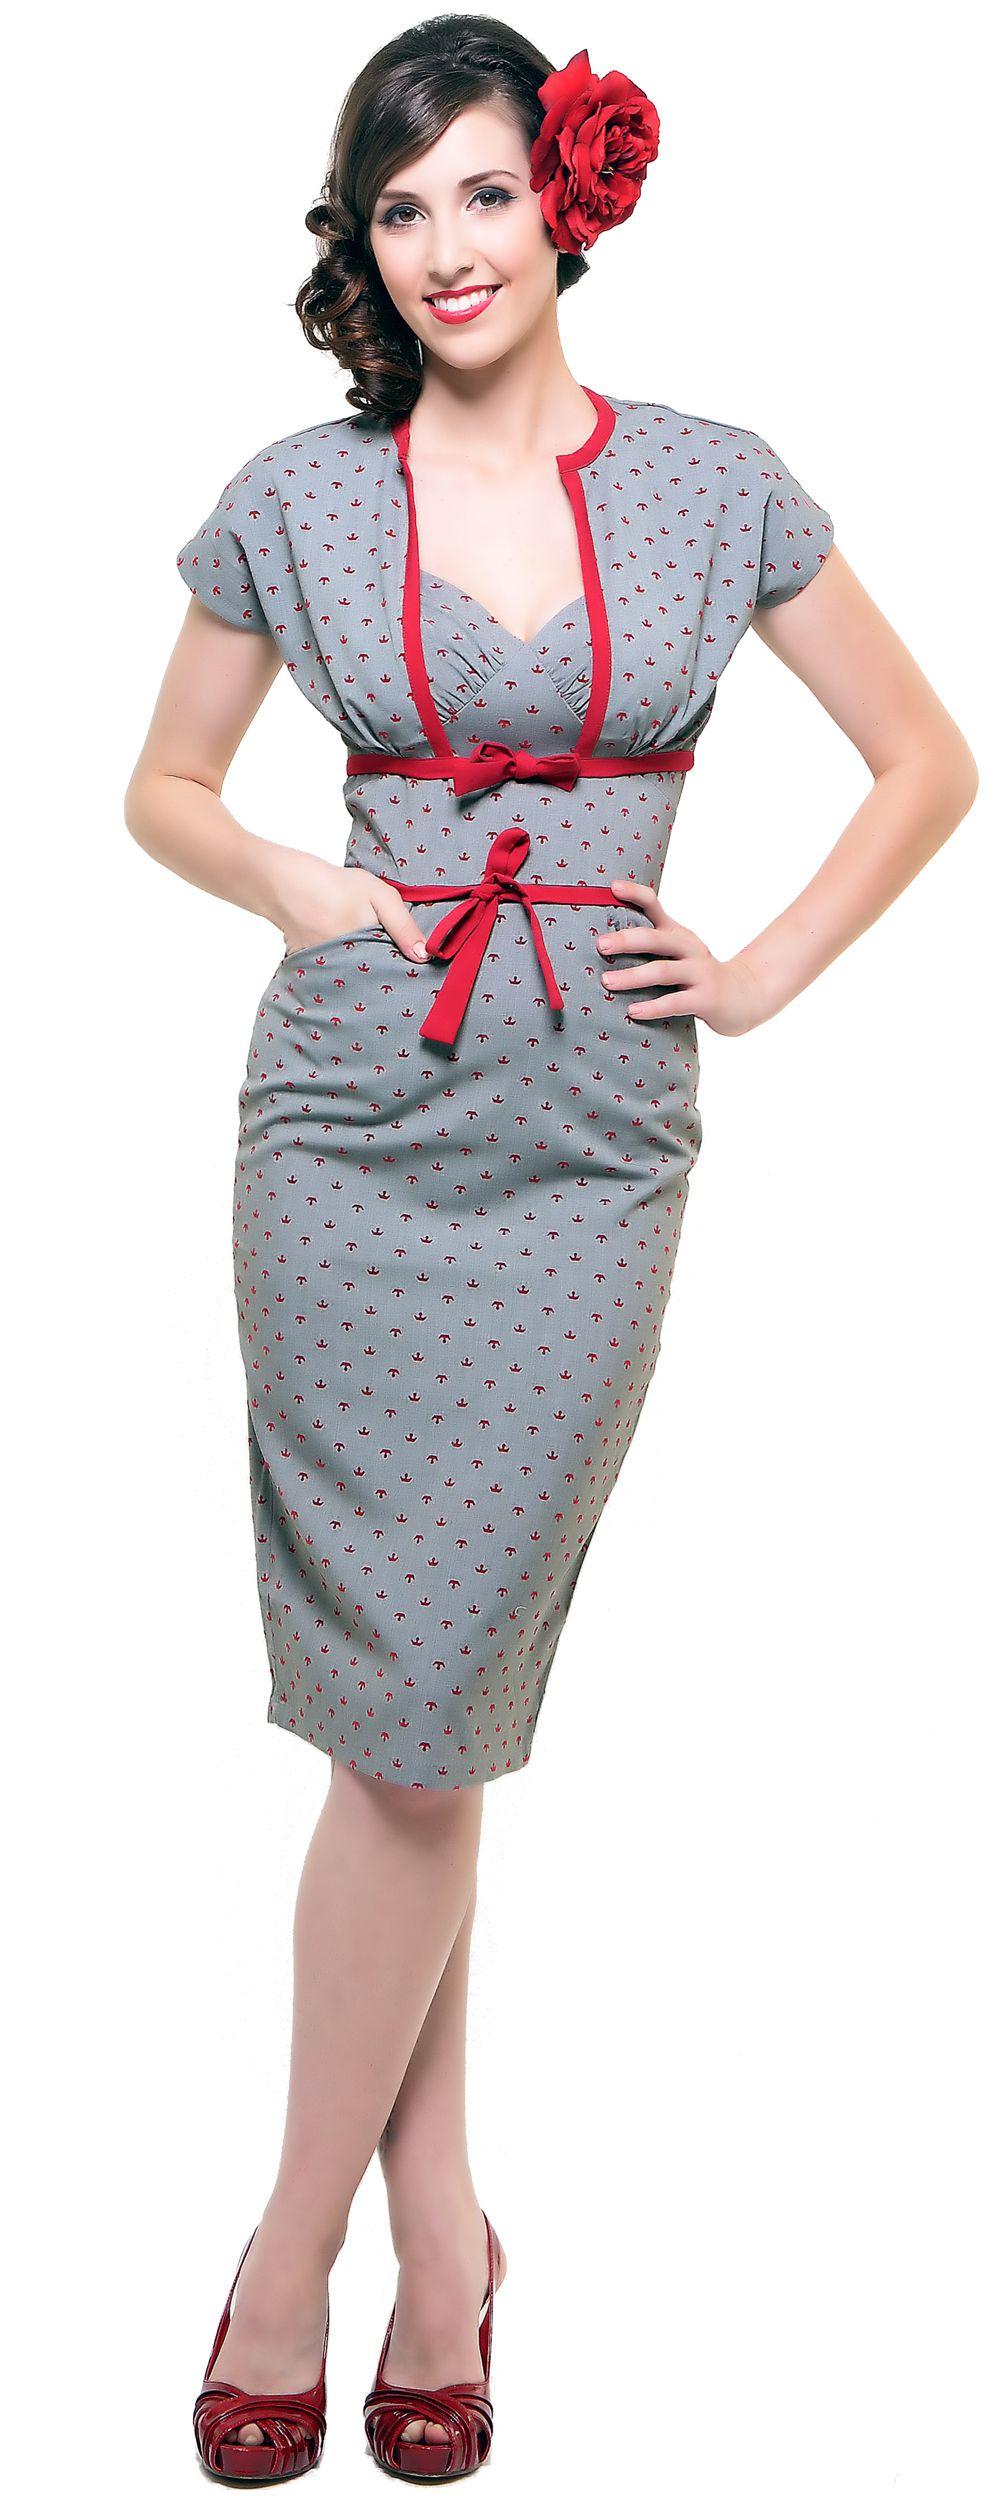 anchors pencil skirt with bolero dress unique vintage